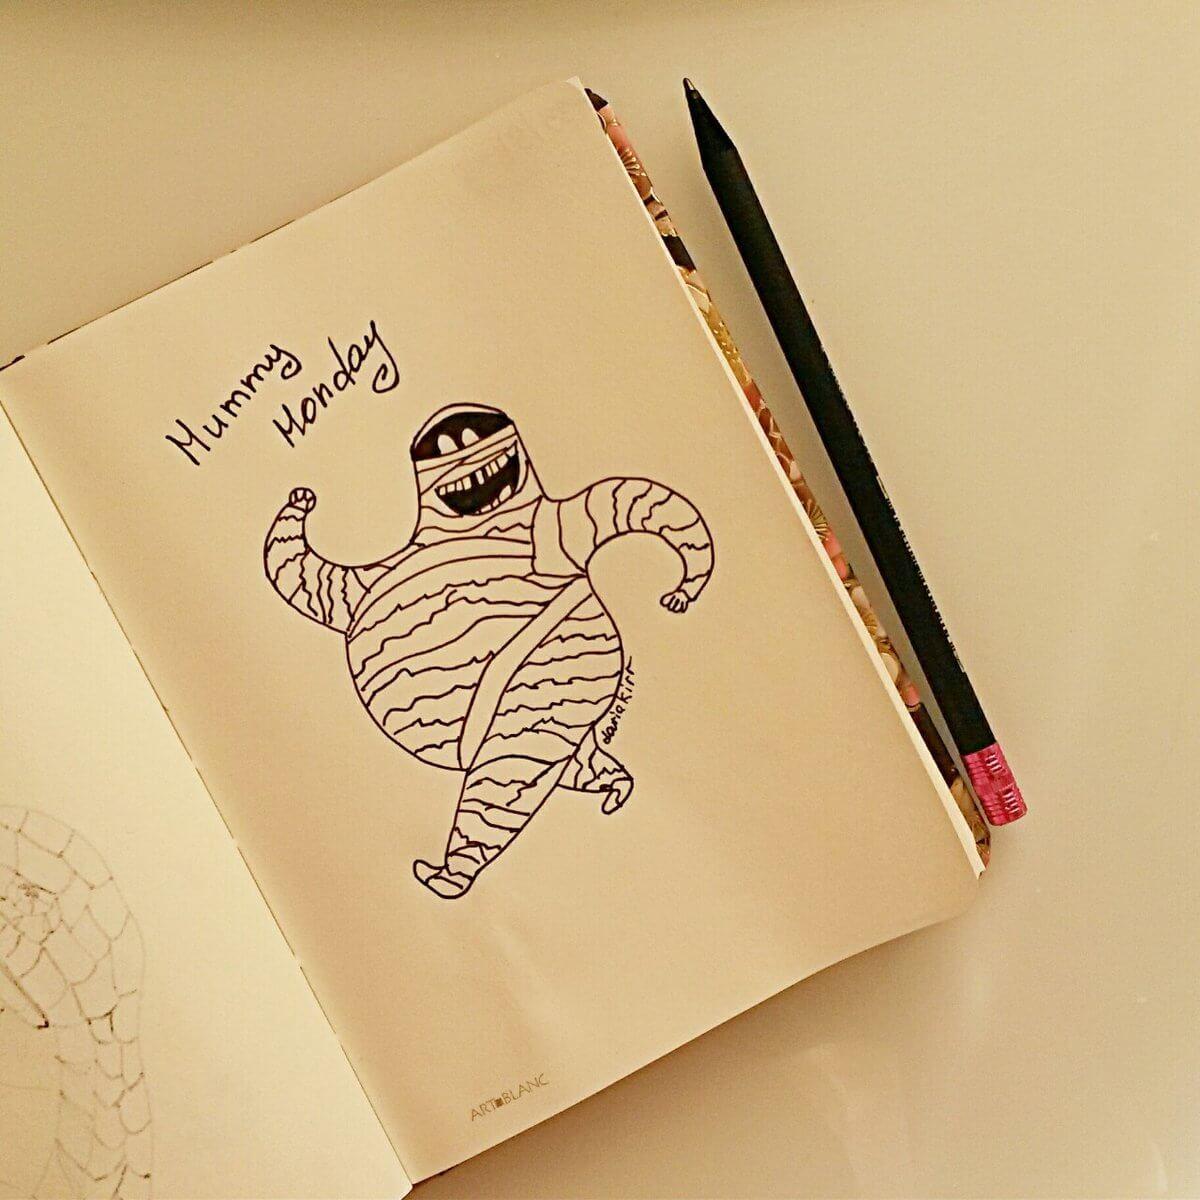 Прикольные рисунки в скетчбук для срисовки, для